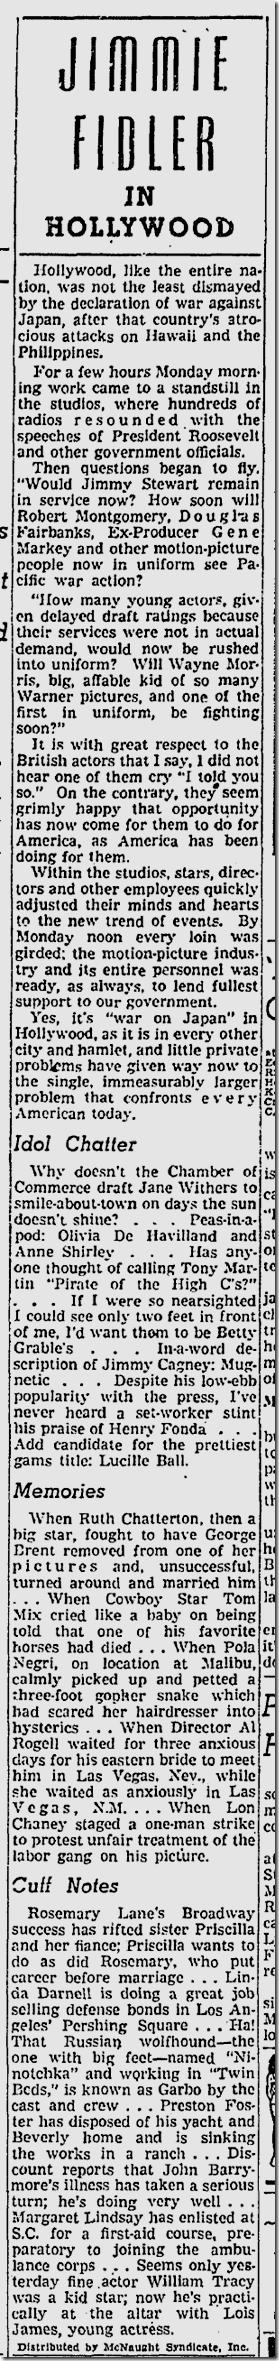 Dec. 10, 1941, Jimmie Fidler